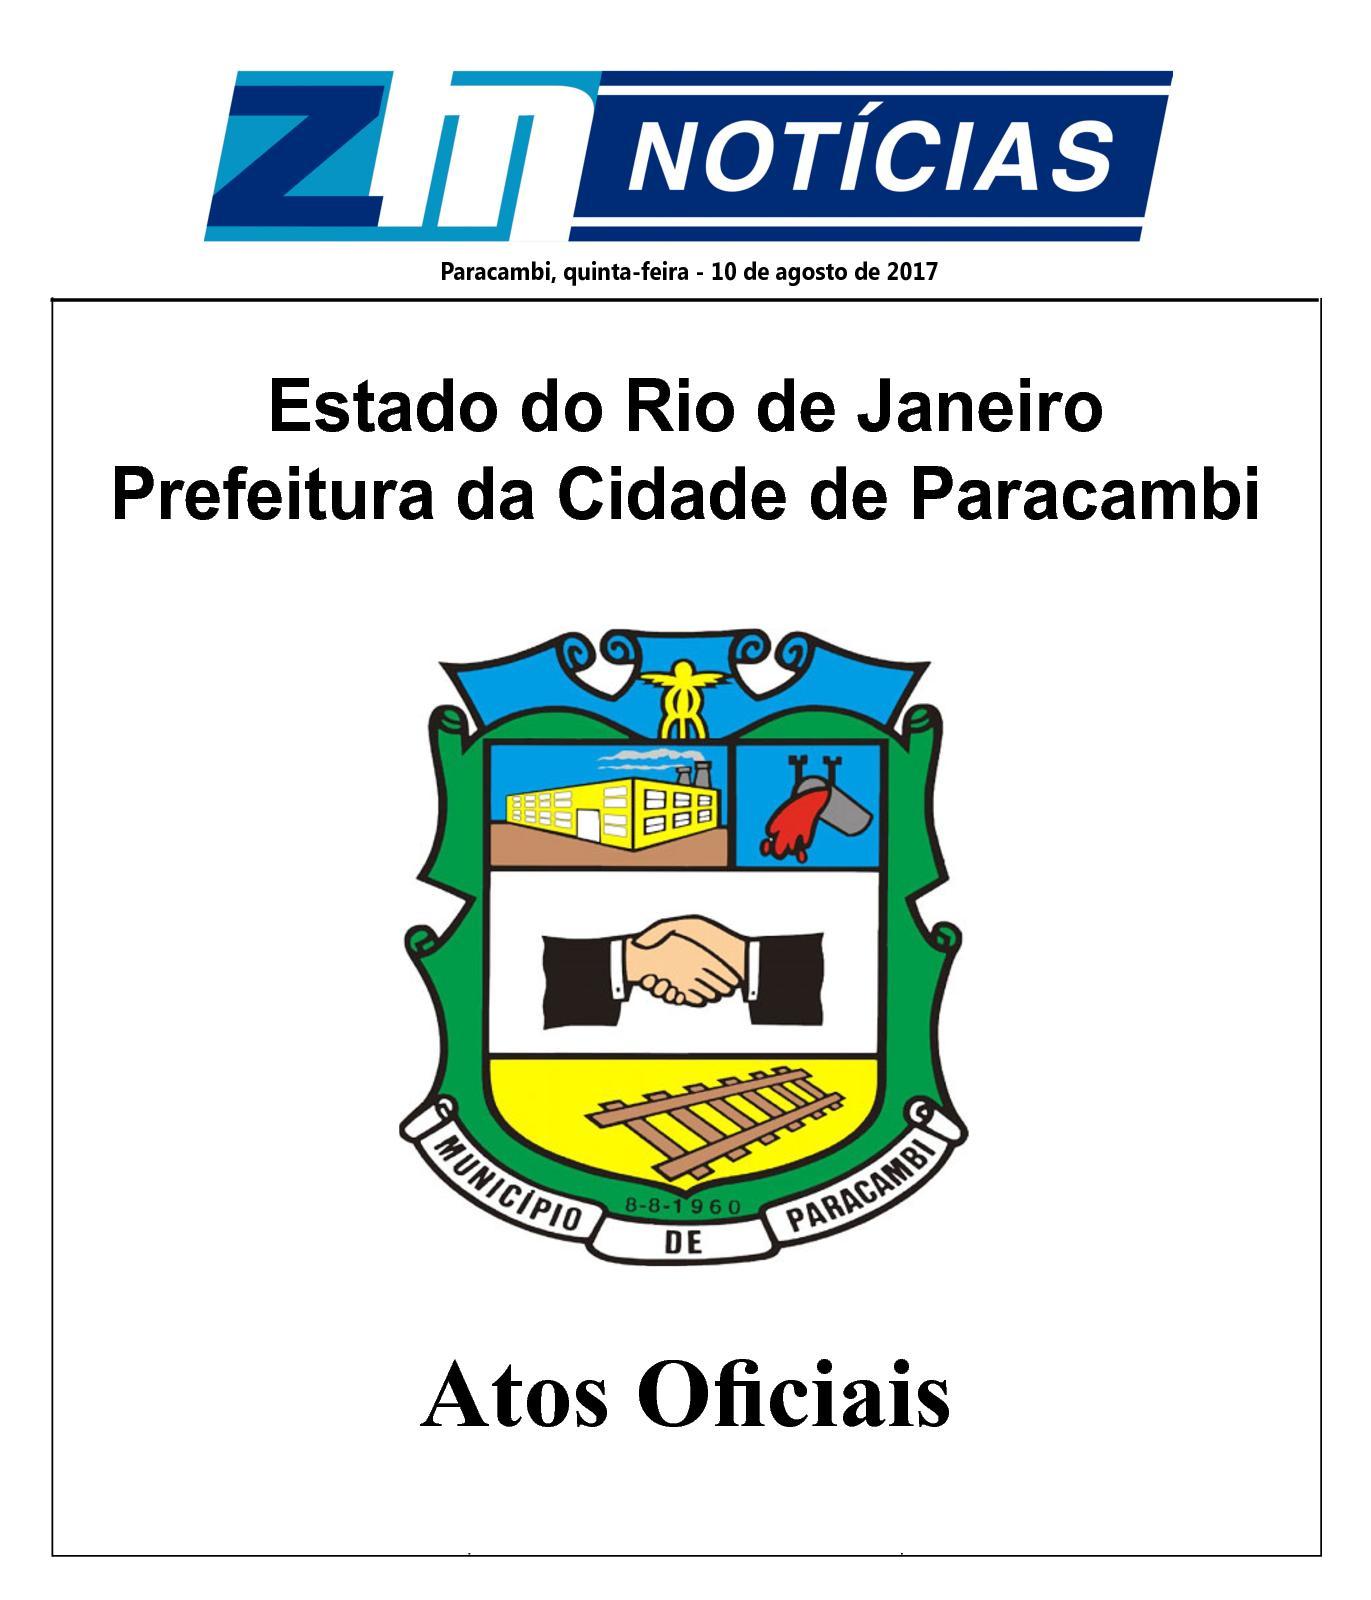 P M P Atos Oficiais 100817